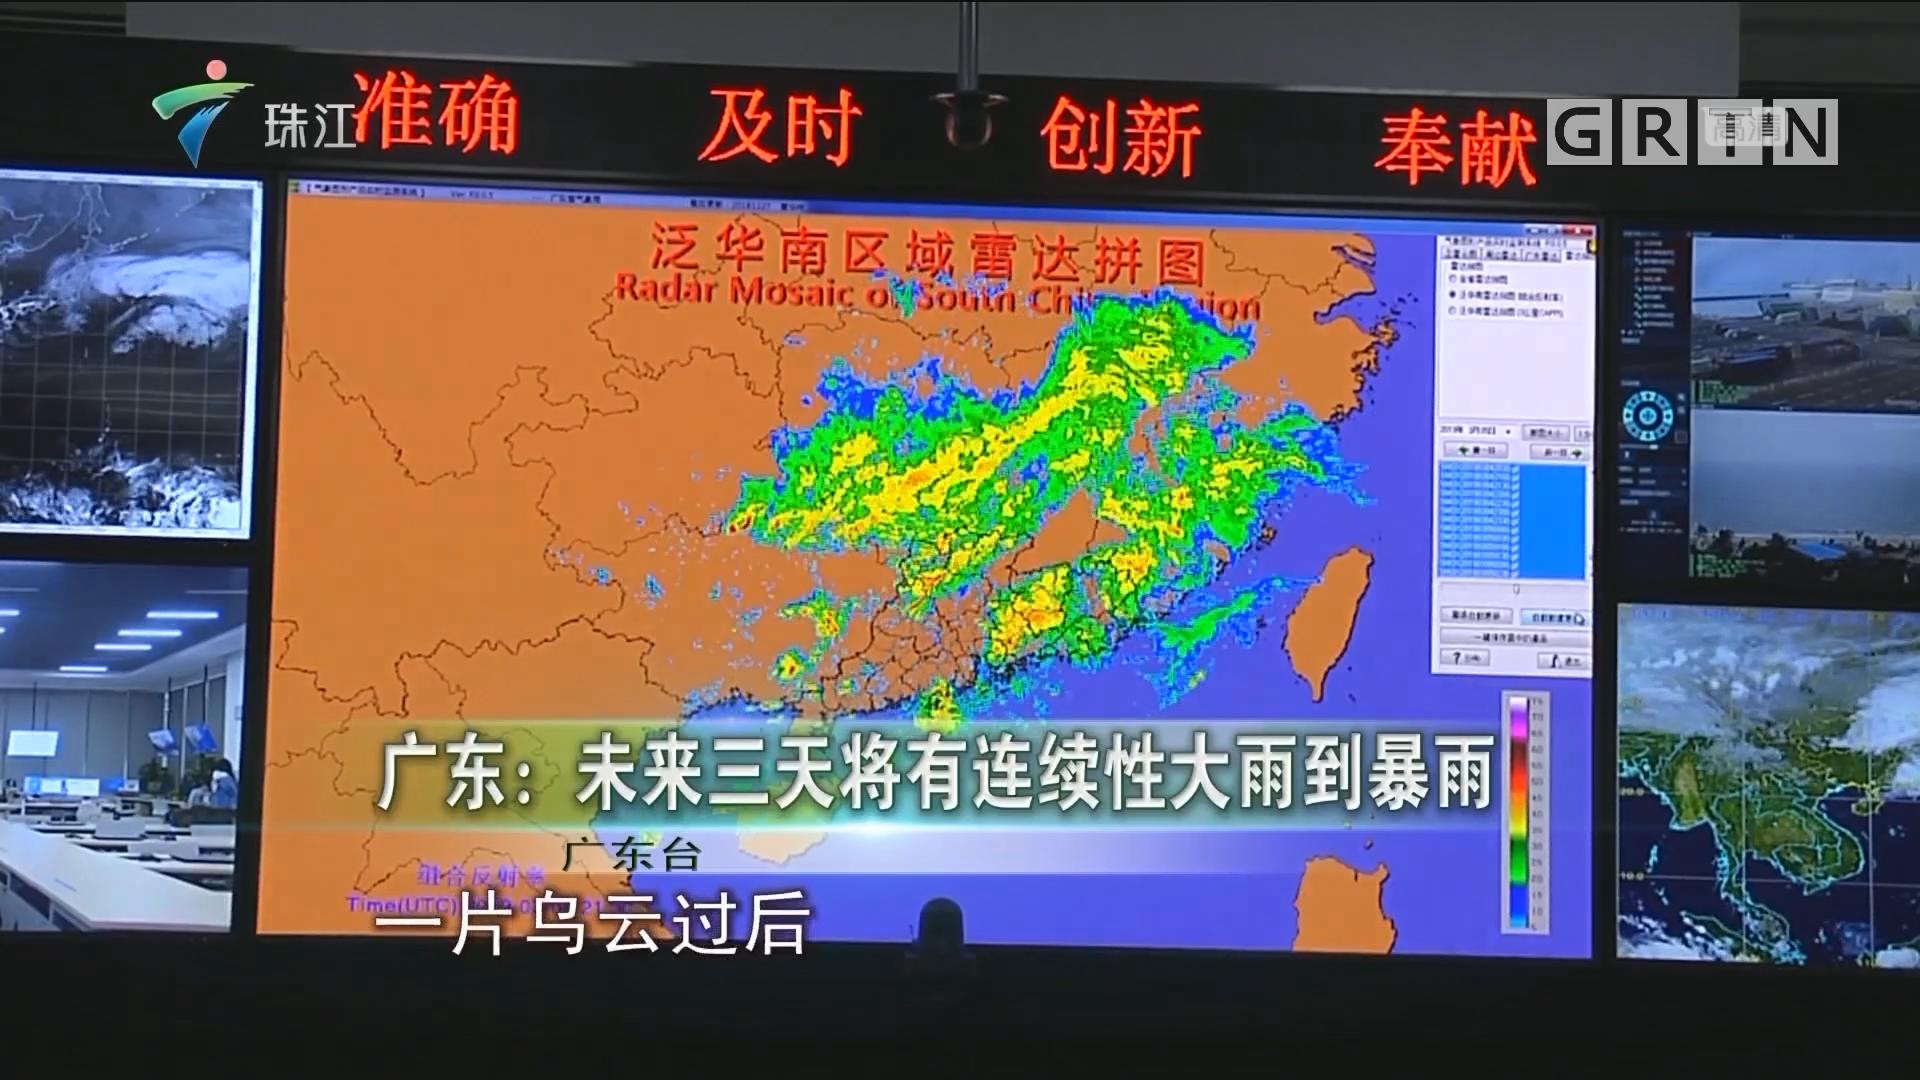 广东:未来三天将有连续性大雨到暴雨